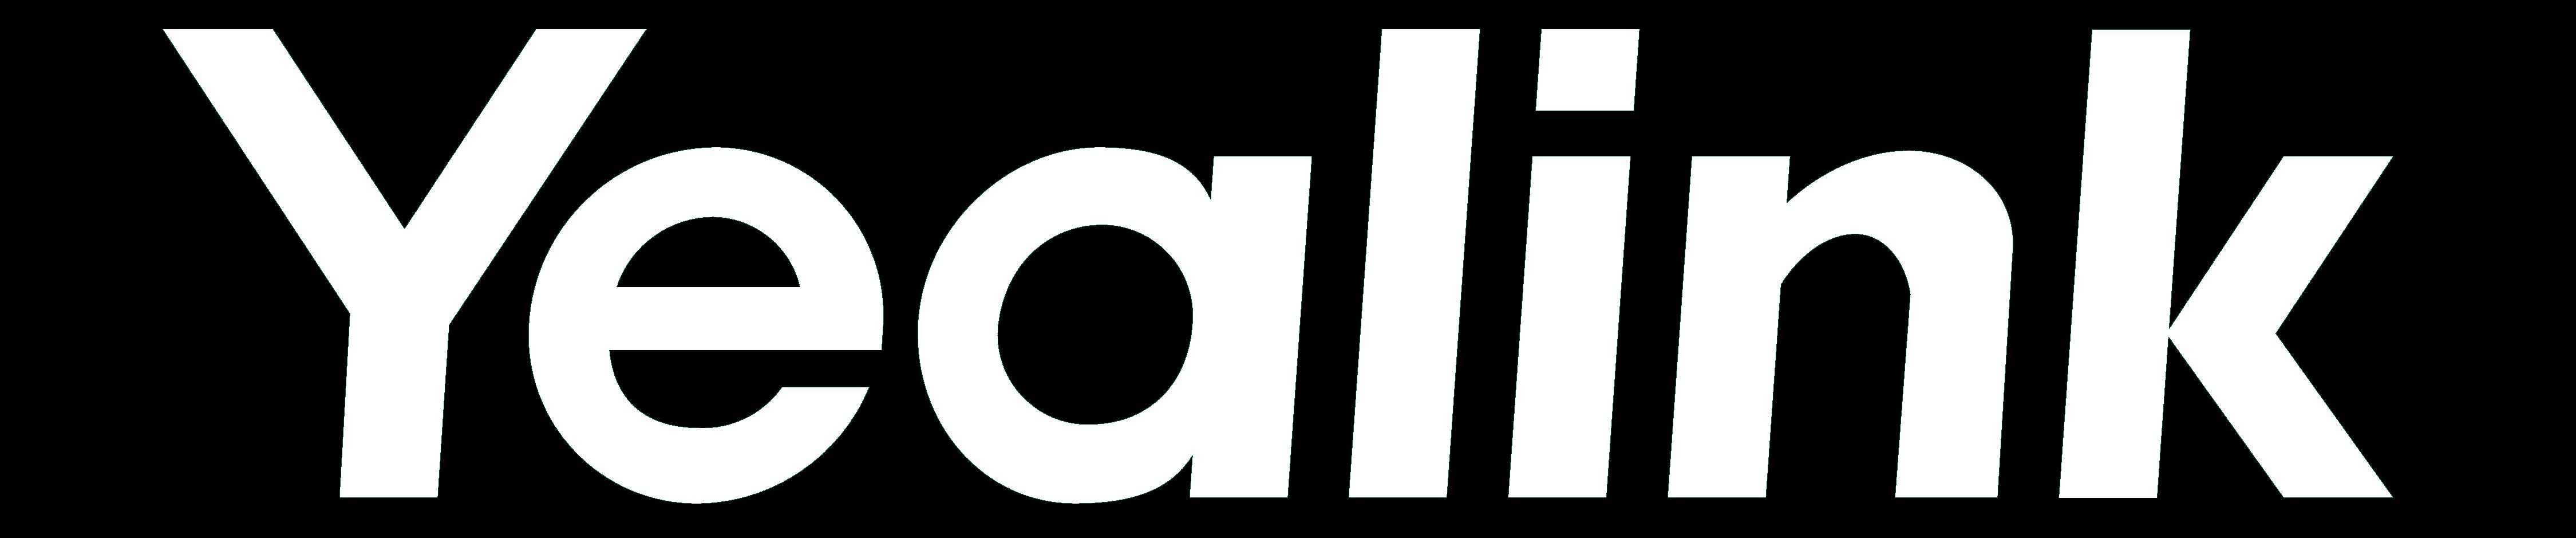 Yealink_logo_logotype_white